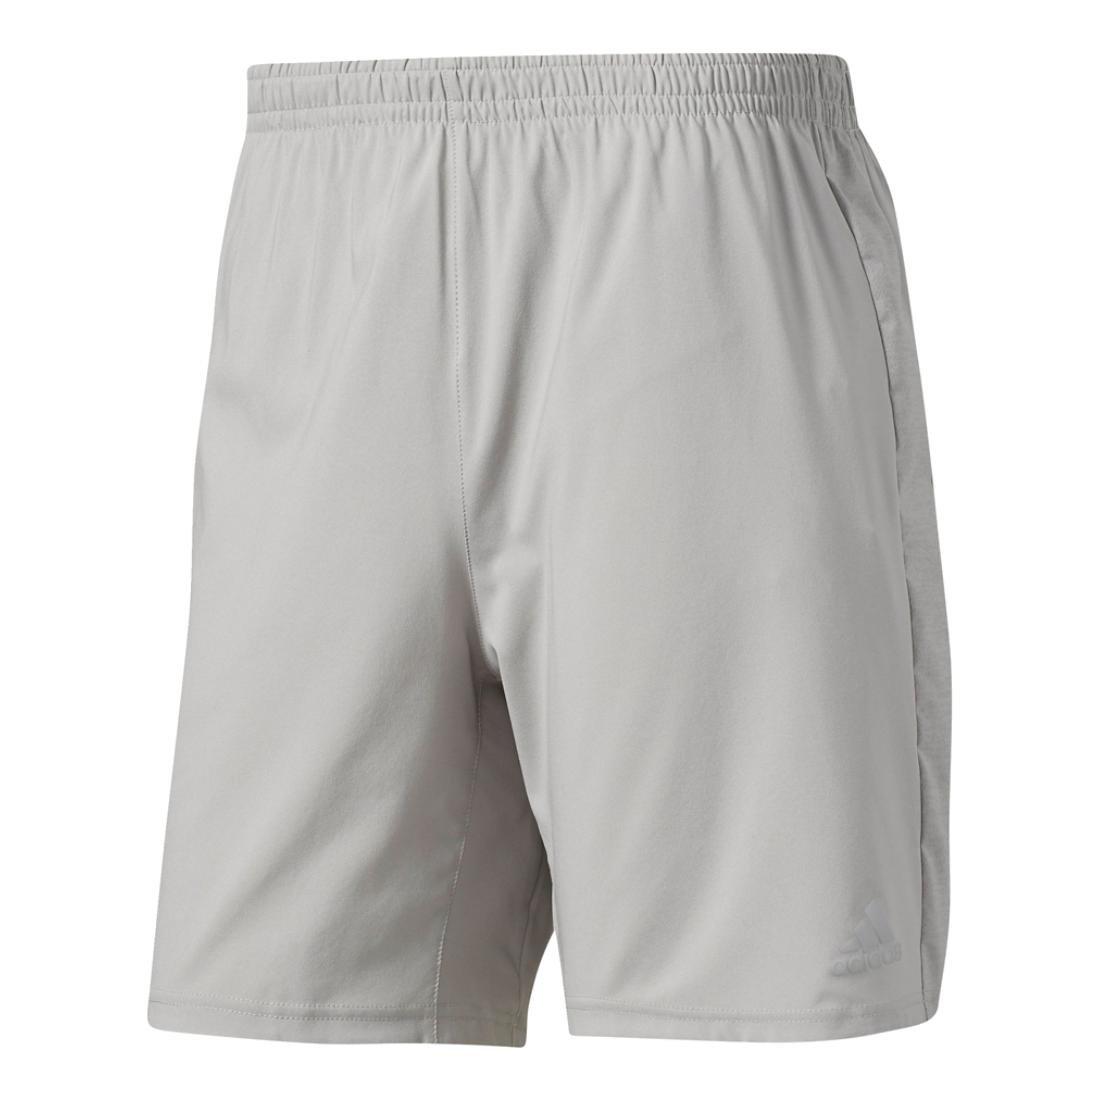 5cd705c546 Amazon.com : adidas Men's Running Supernova Shorts : Clothing